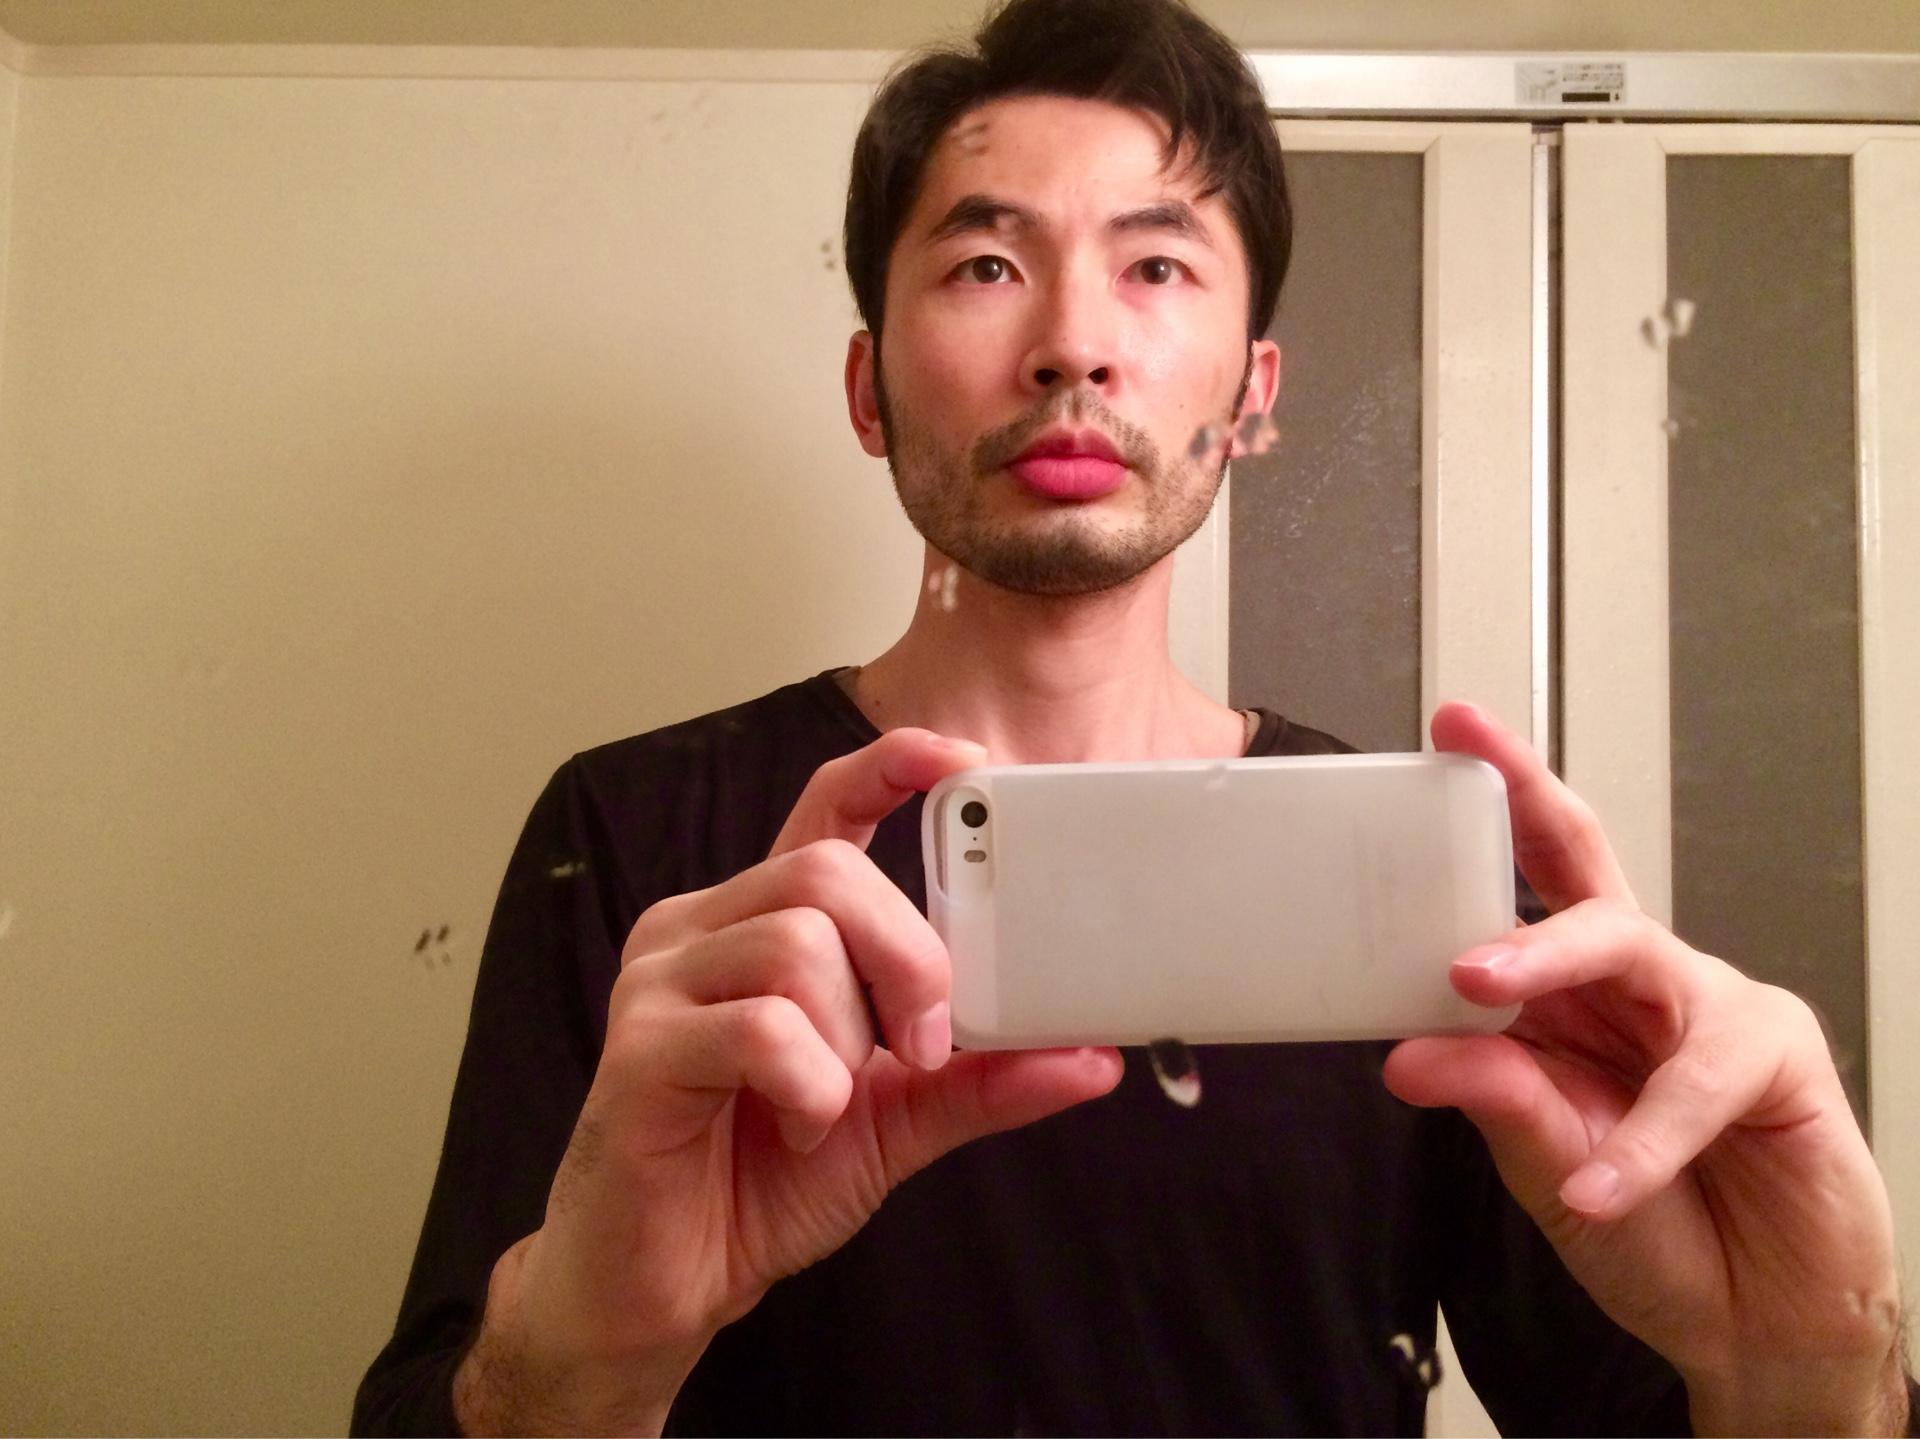 ひげ脱毛を決意する30代男性